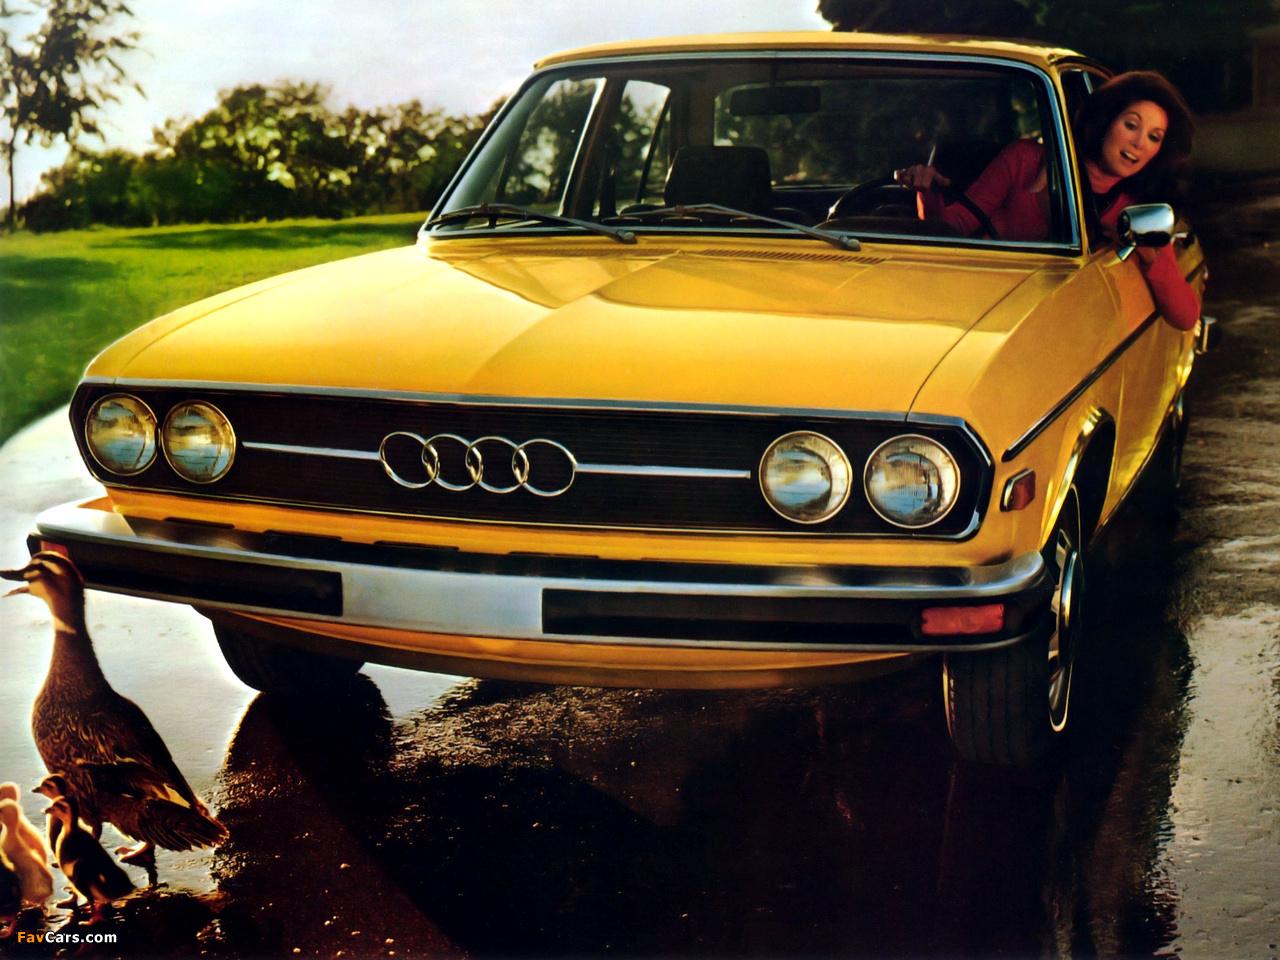 Audi 100 Ls 1976 autowpaper com audi-100-ls-1976-3